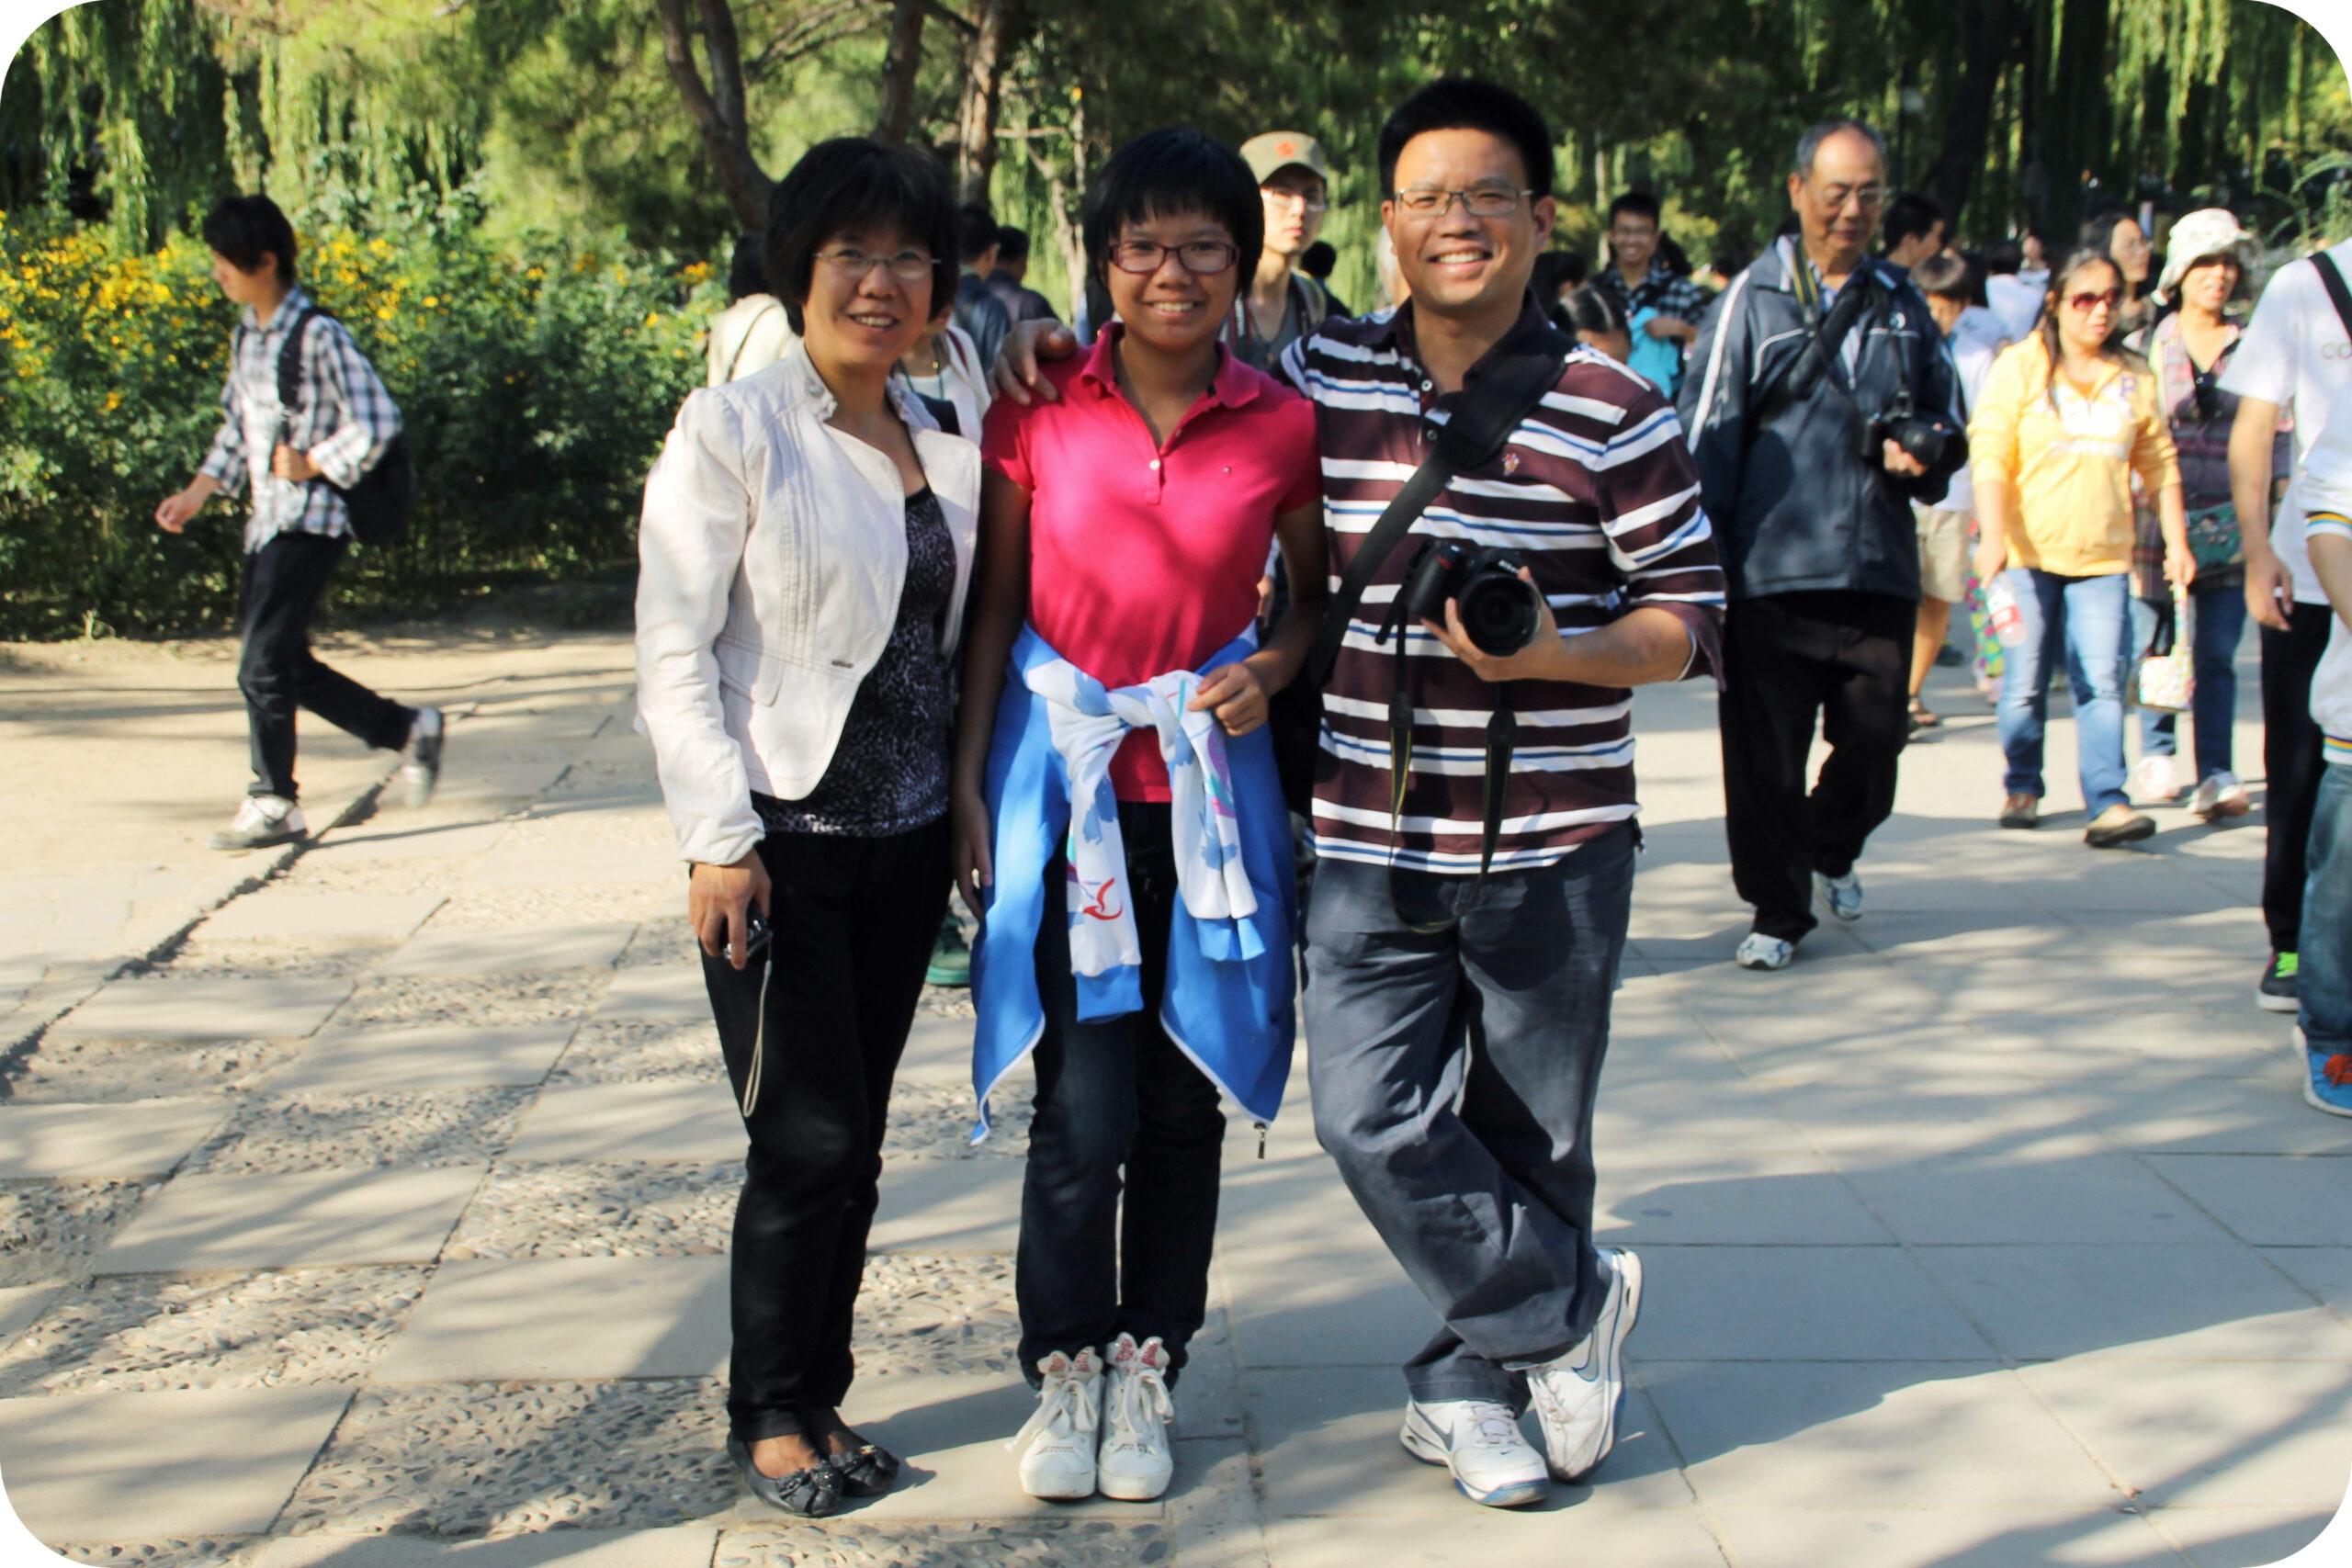 lukio-matka-kiinaan